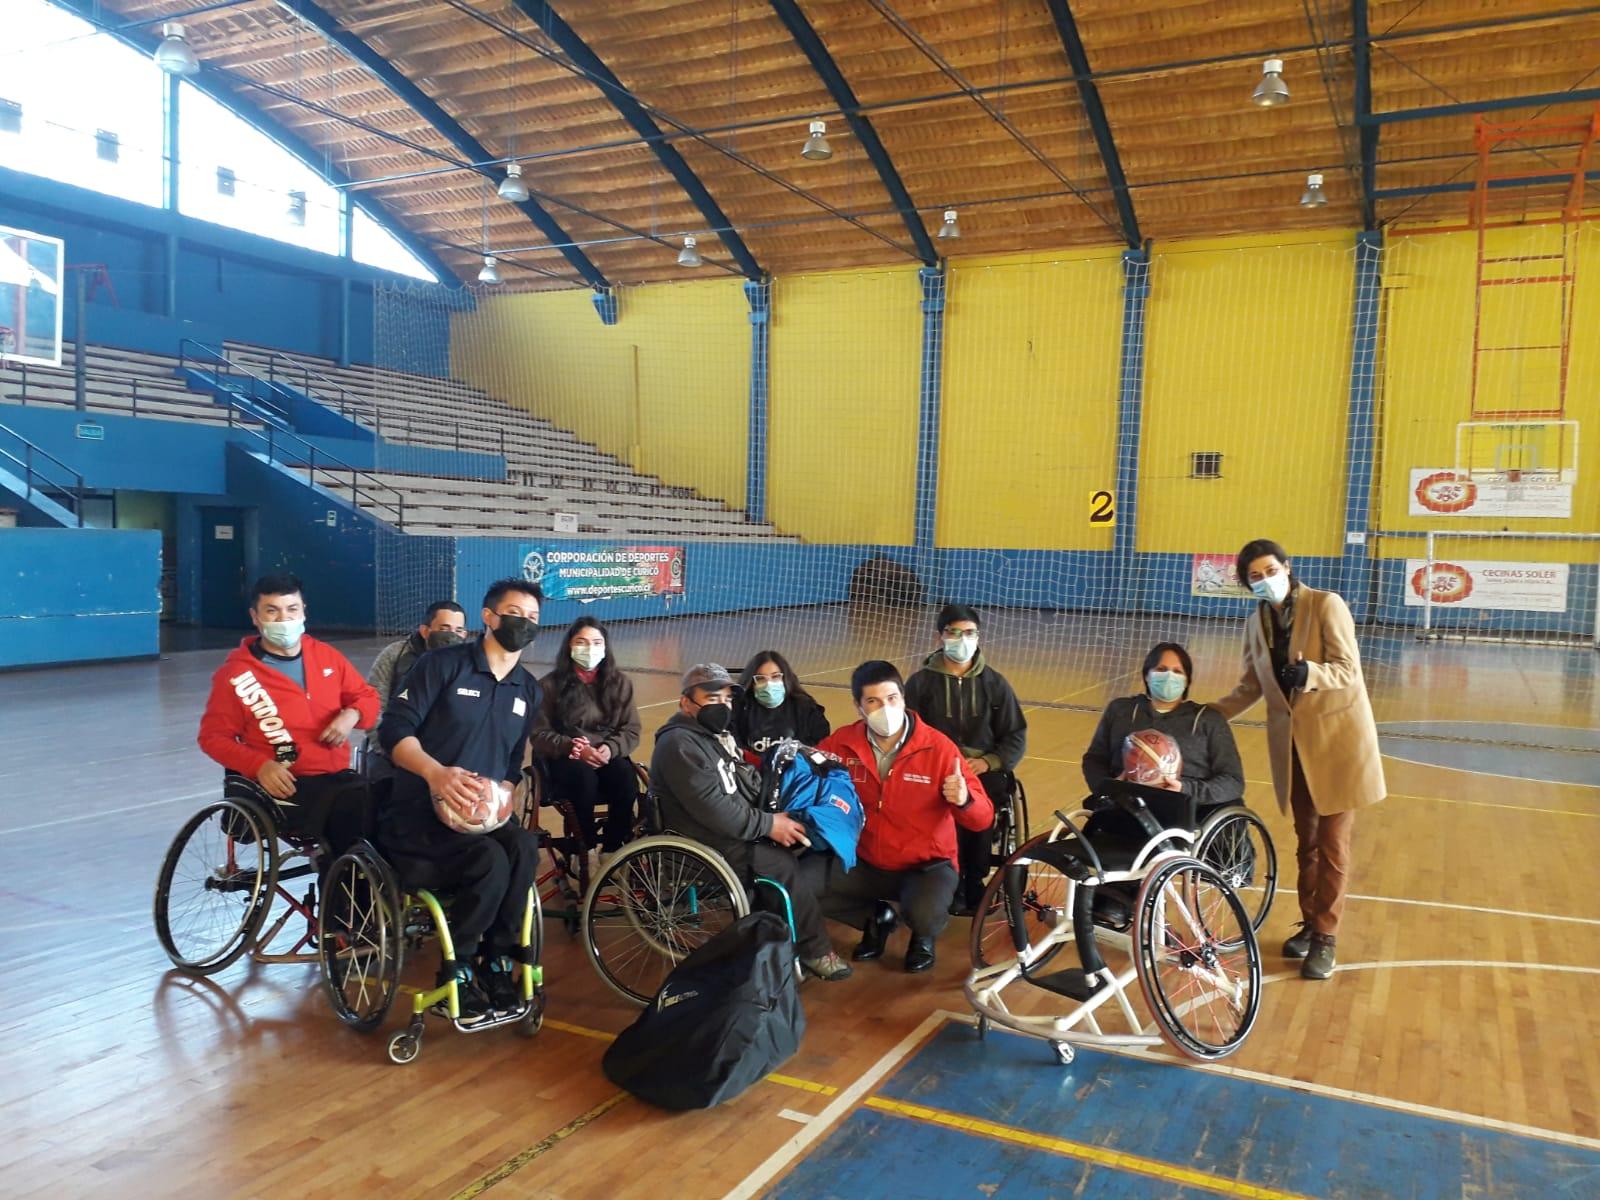 CLUB DE BASQUETBOL EN SILLA DE RUEDAS RECIBE IMPLEMENTOS DEPORTIVOS